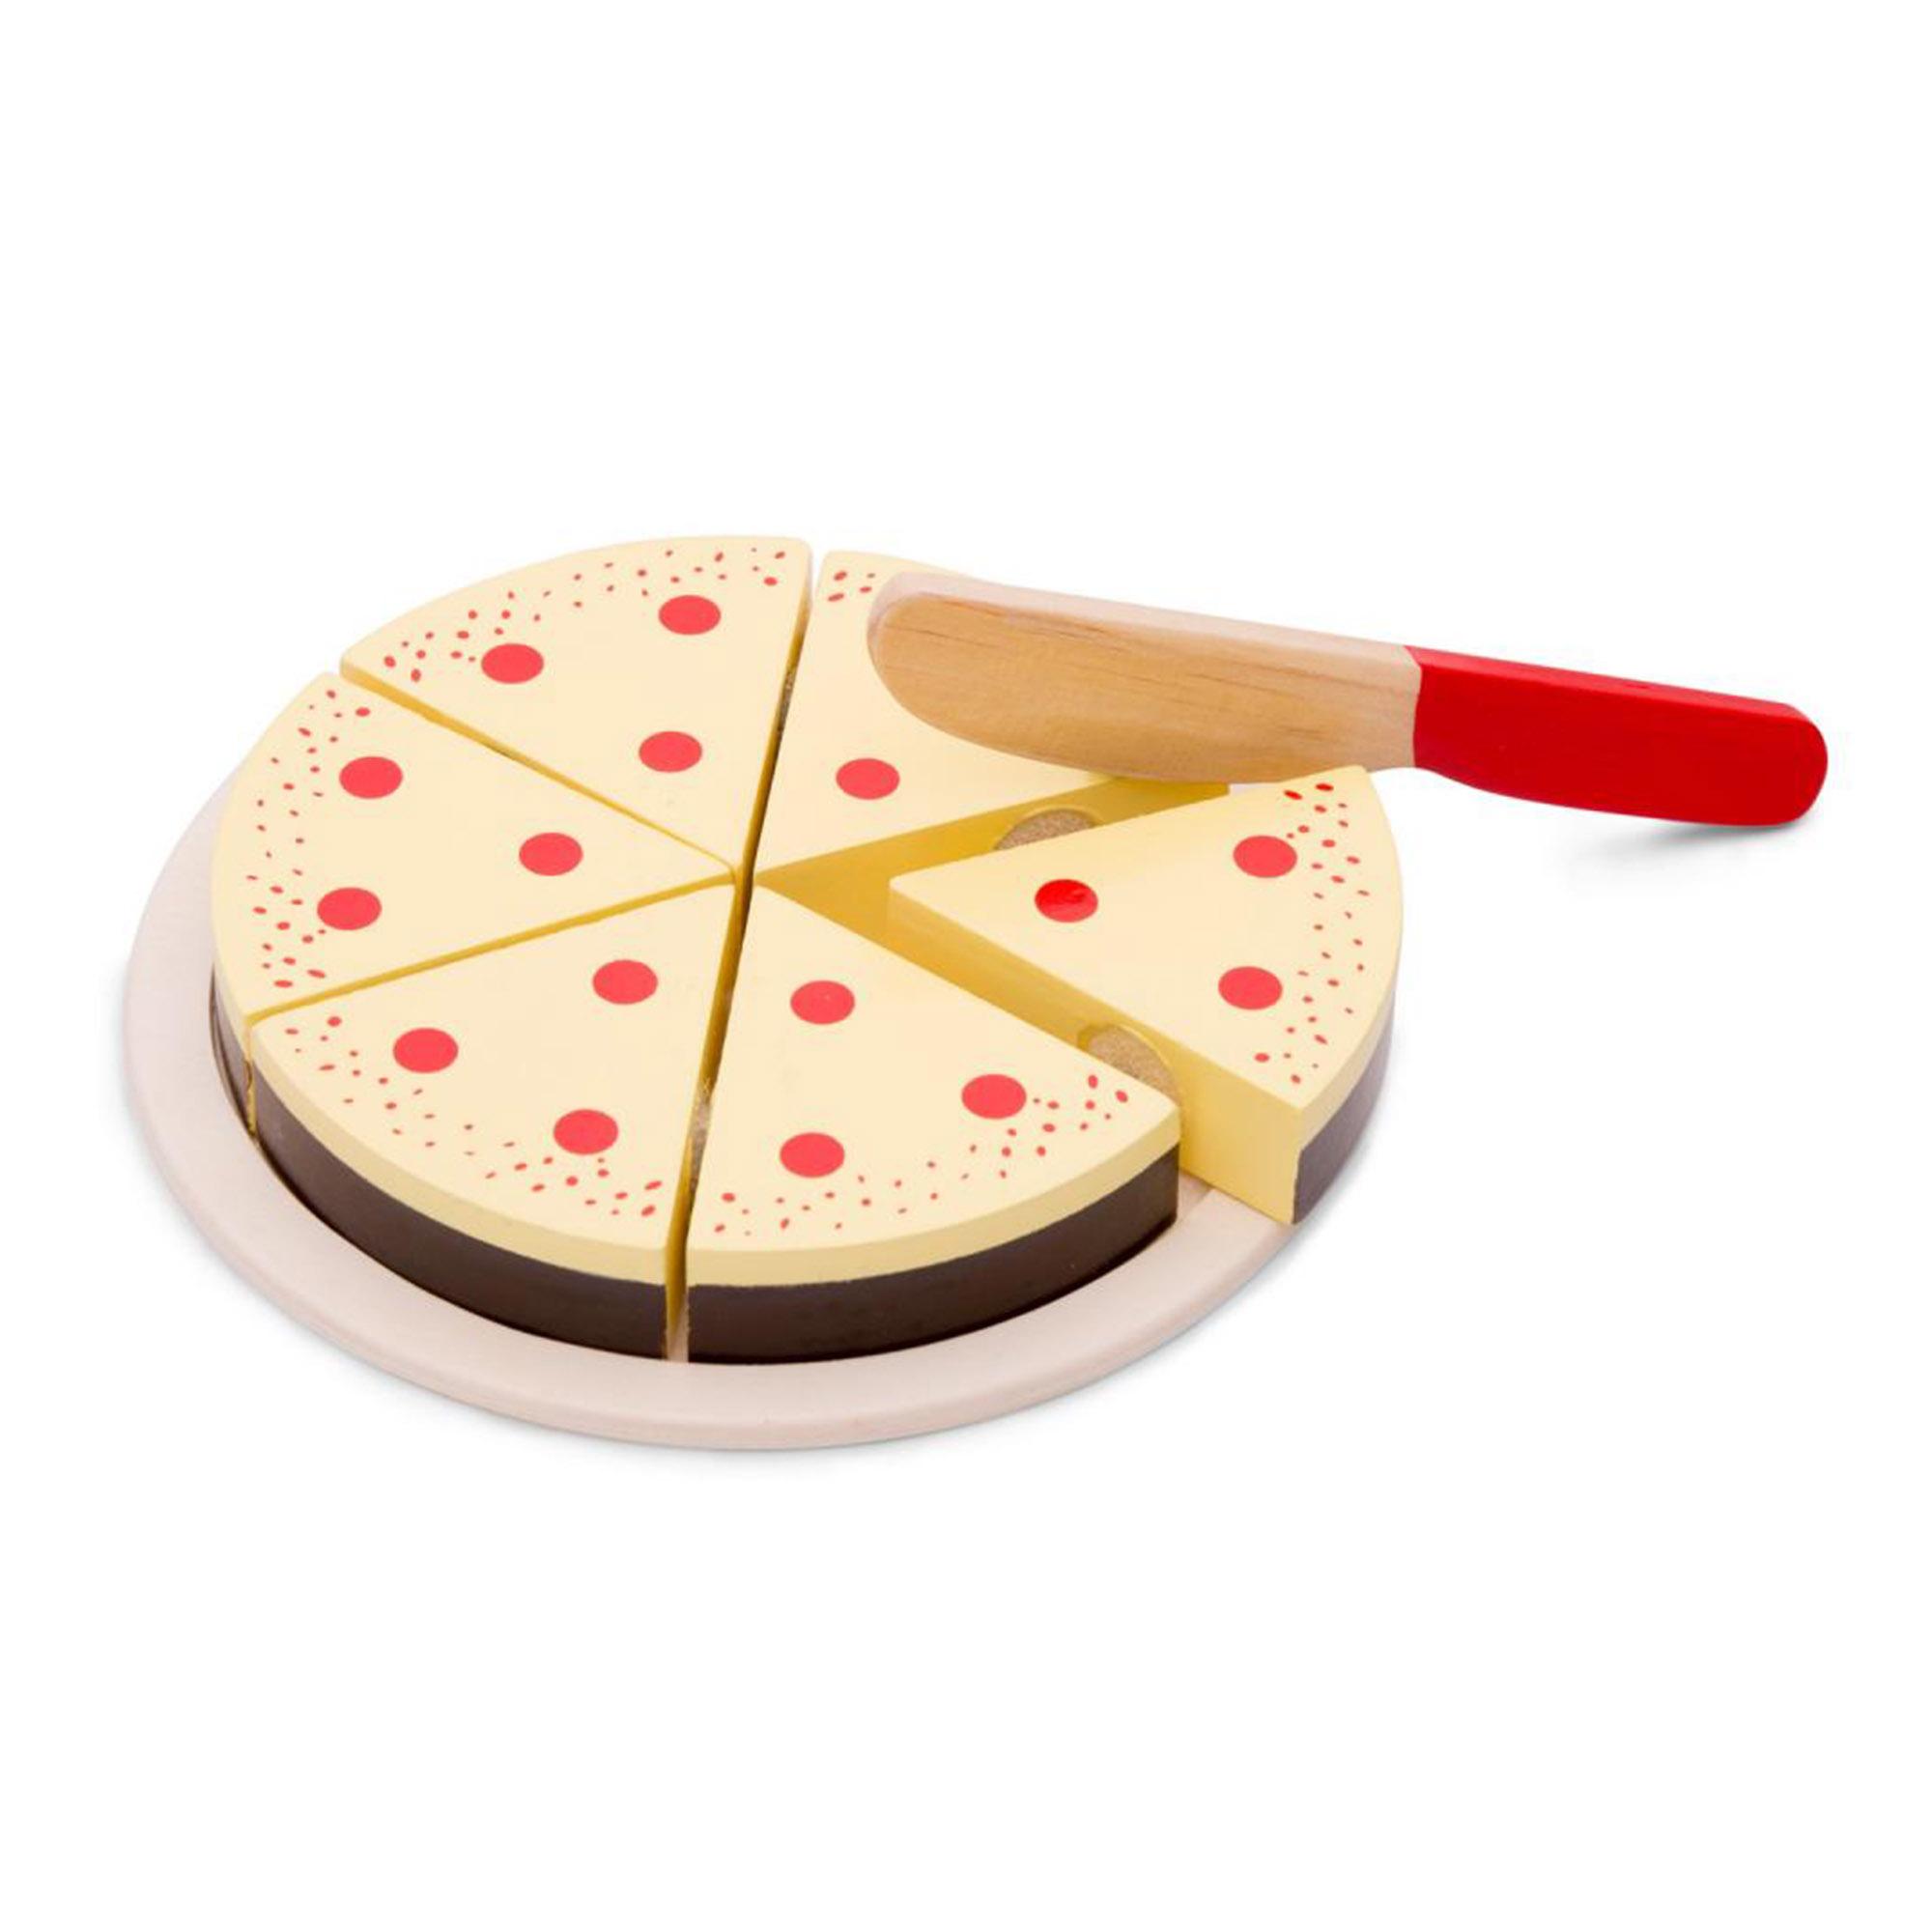 Набор продуктов New Classic Toys Ванильный торт 10585